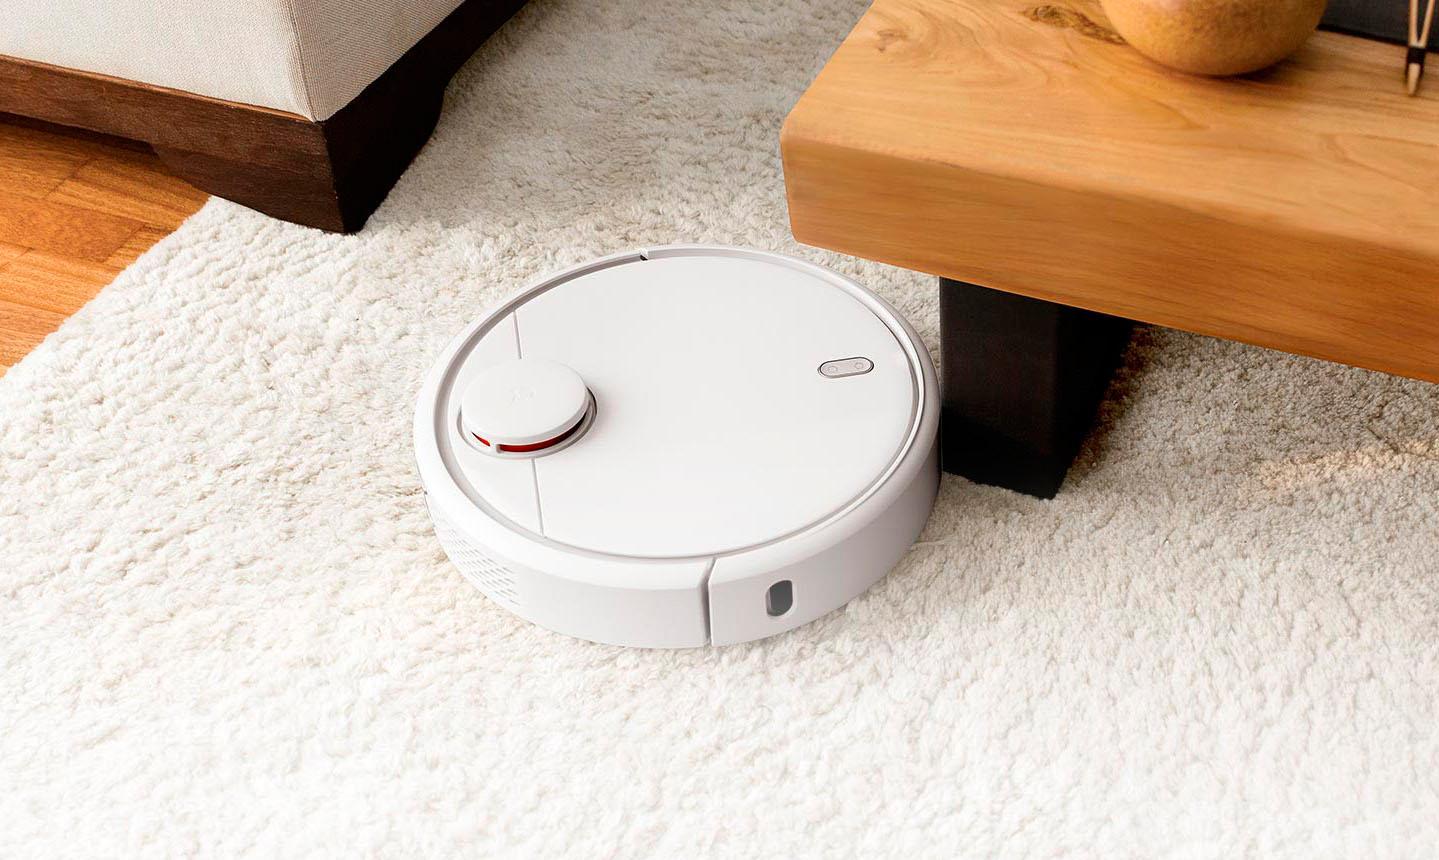 xiaomi vacuum cleaner инструкция